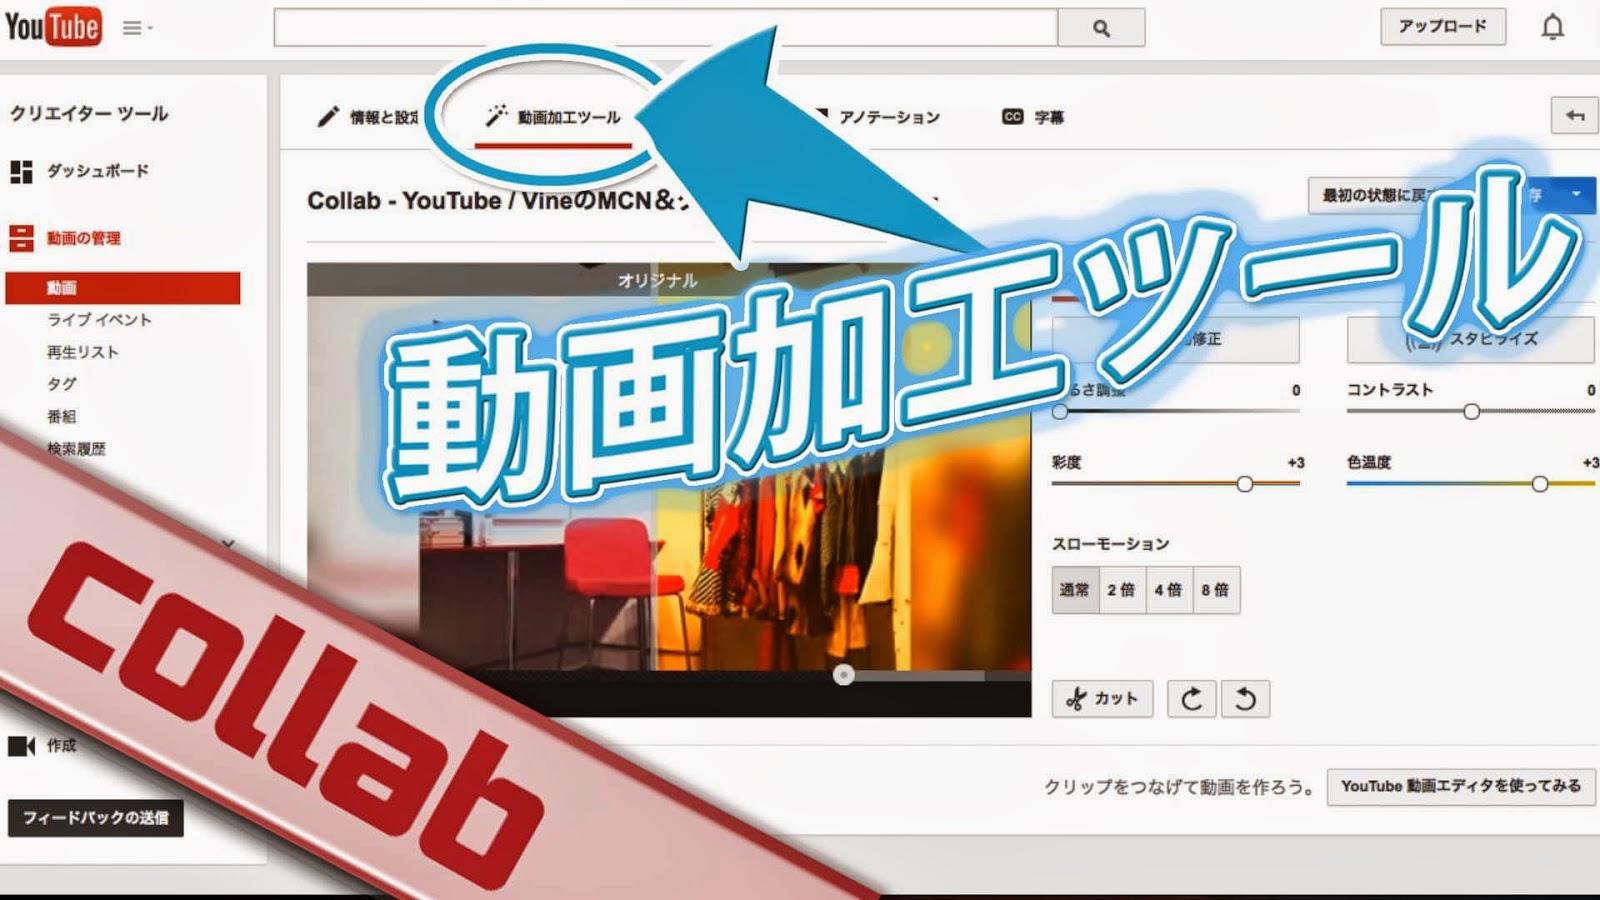 CollabのYouTubeクリエイターブログ 【YouTube活用法】YouTube